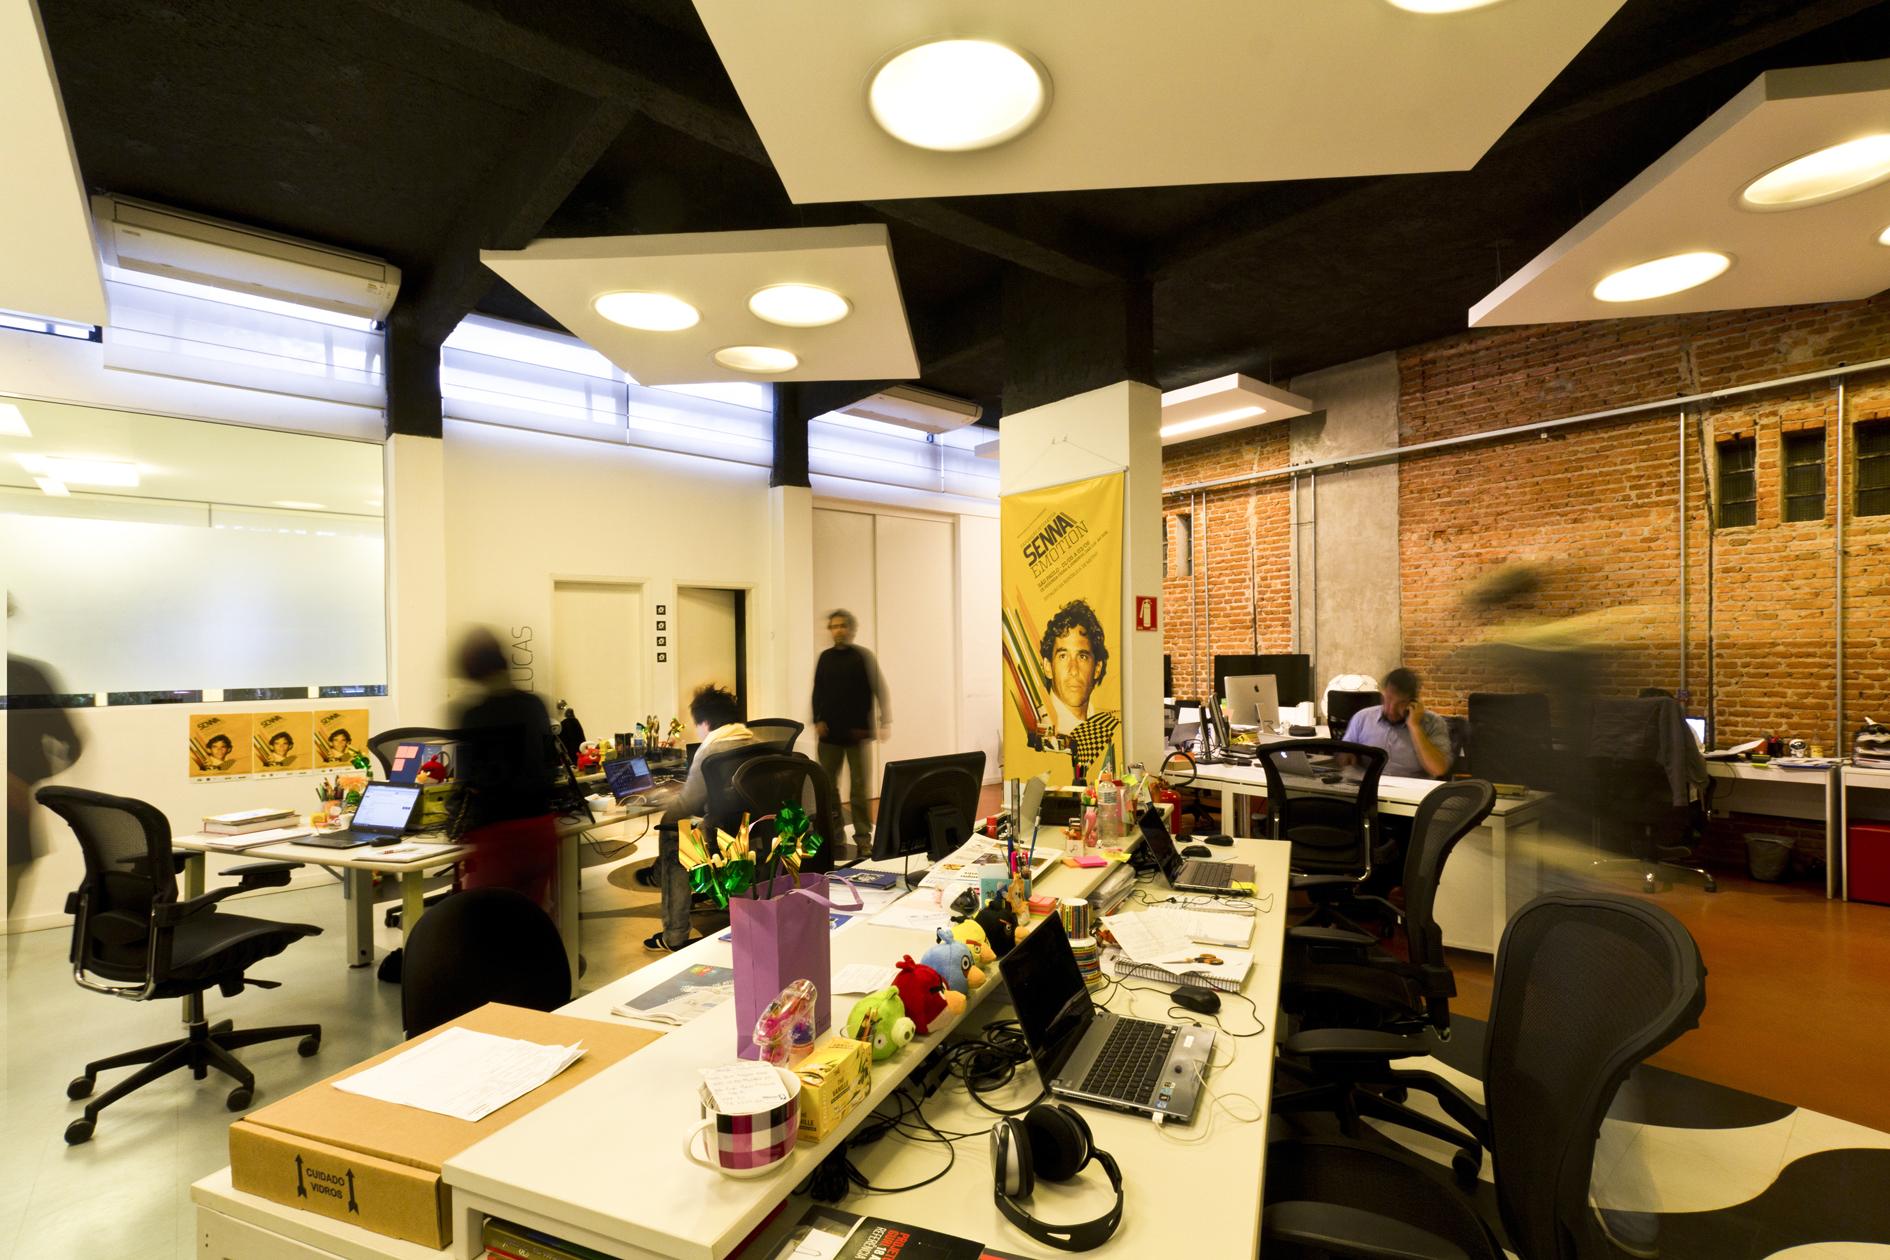 ydreams escritório